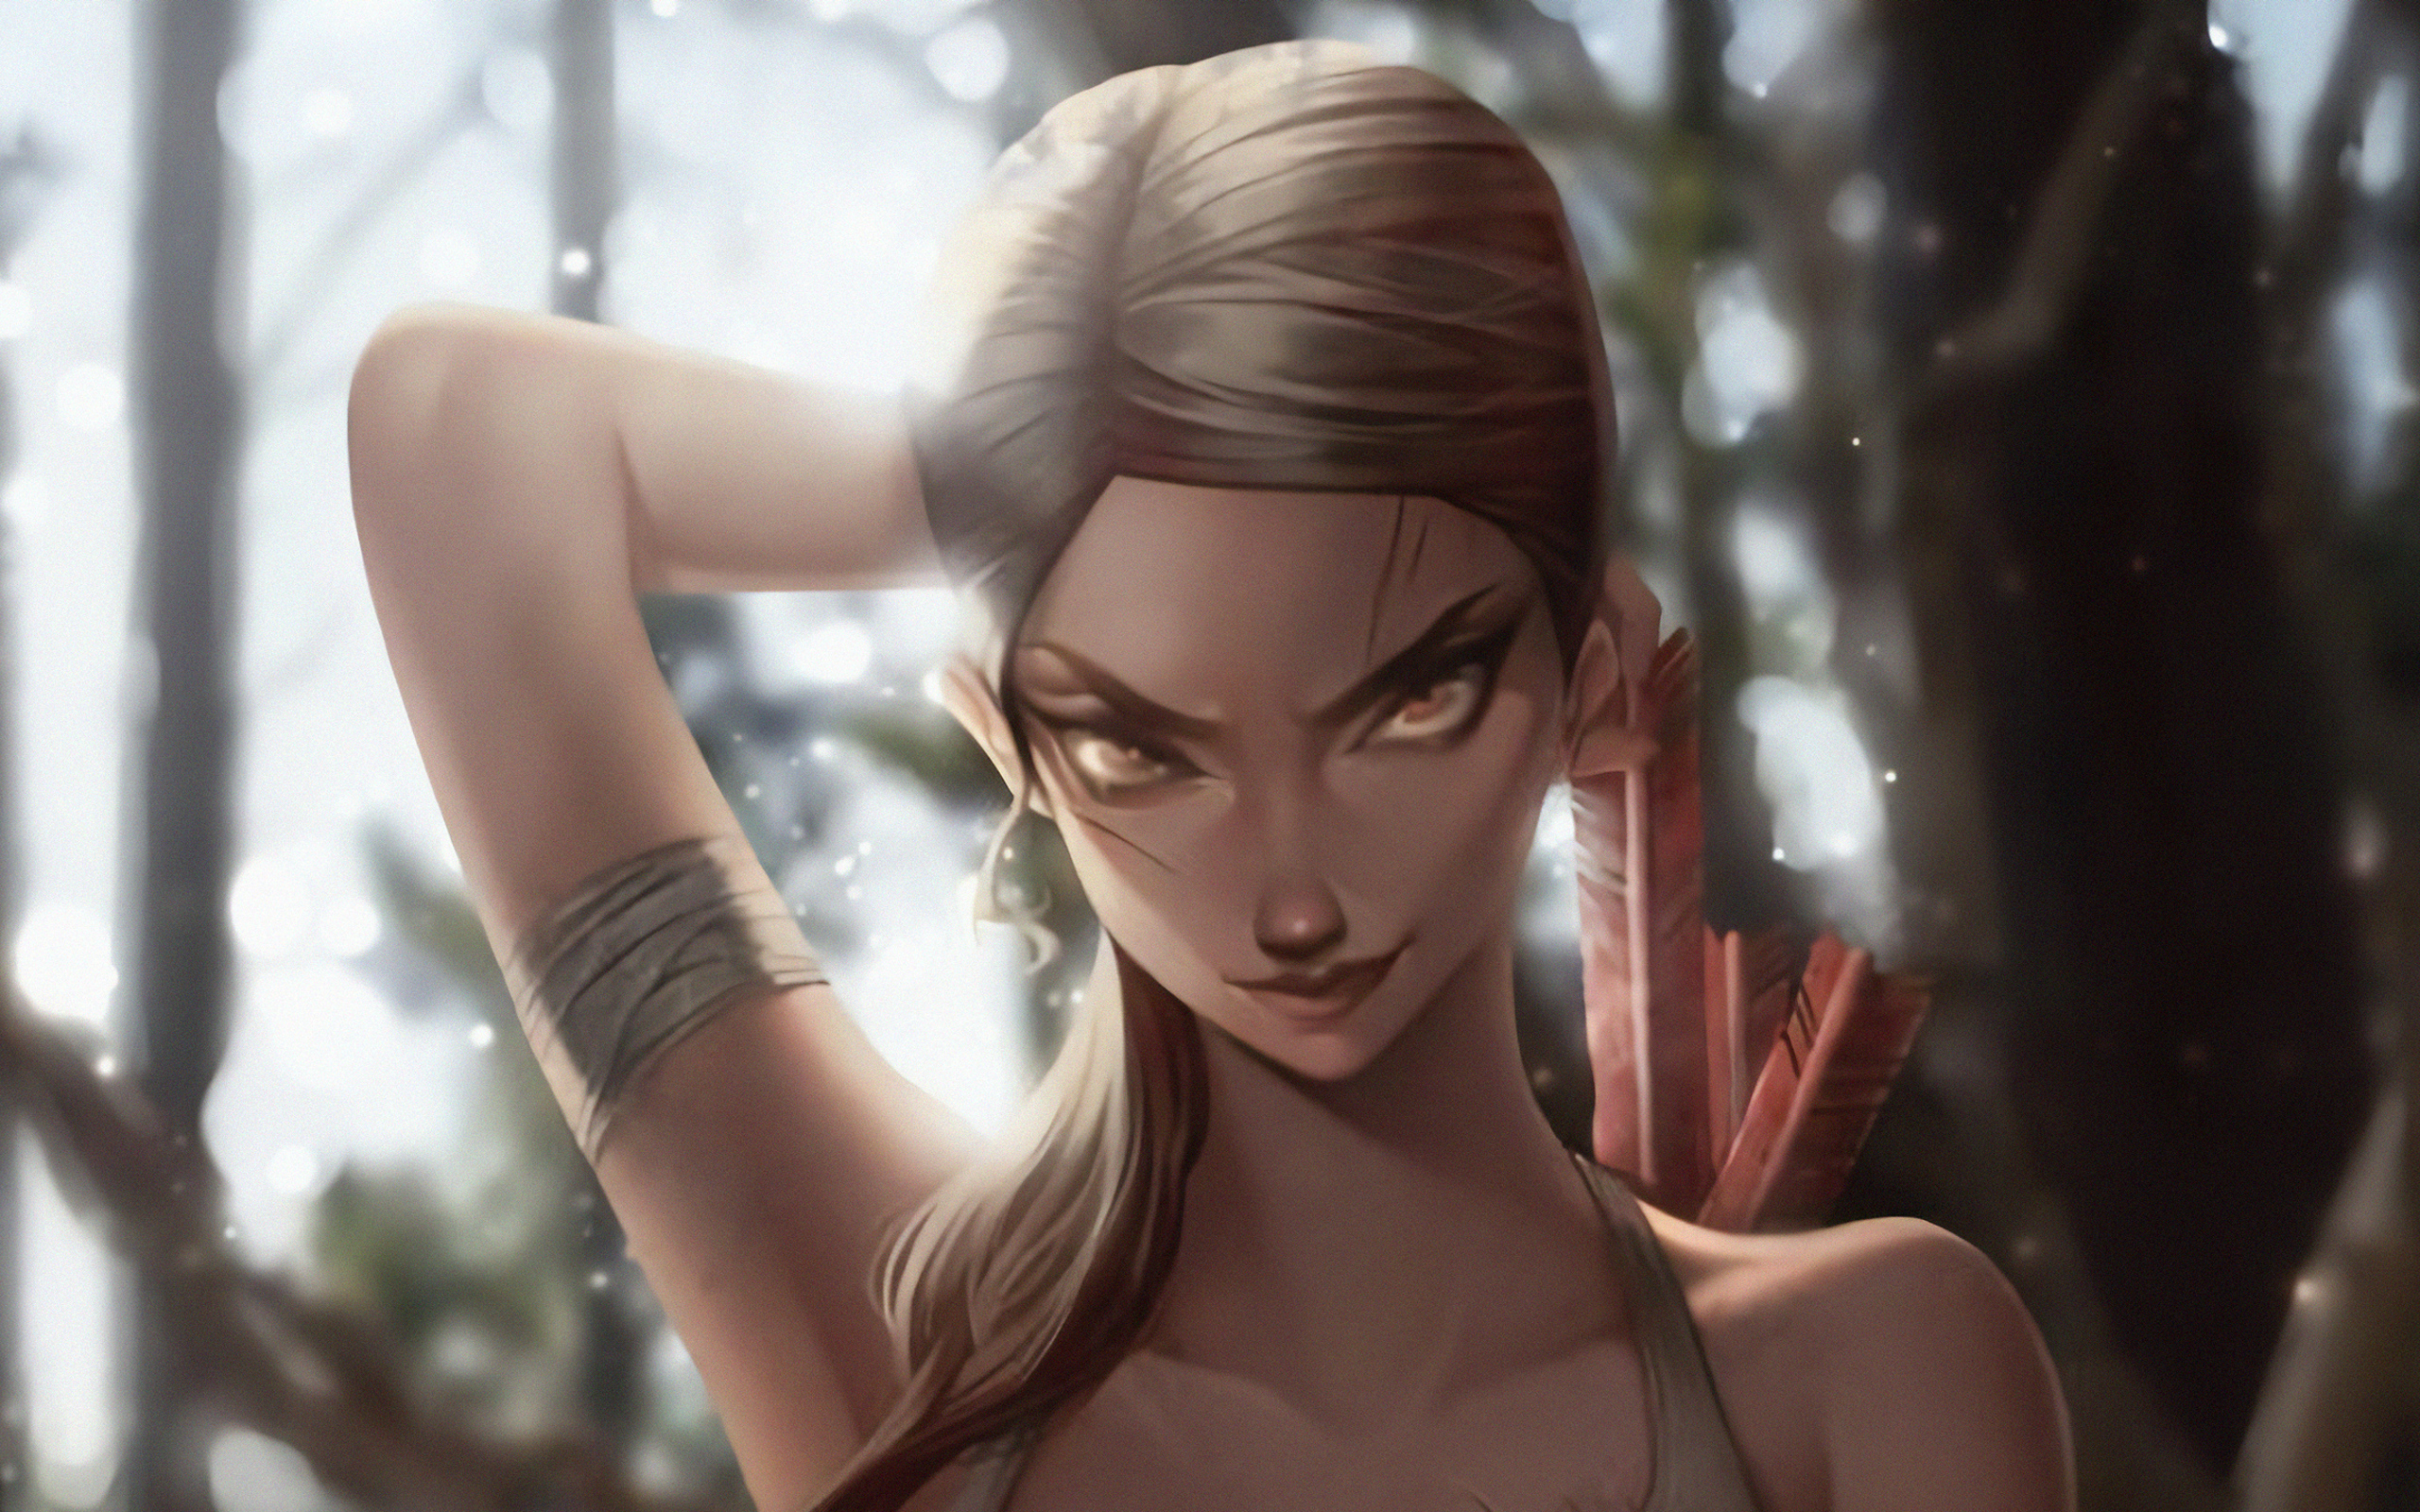 lara-croft-artworks-sg.jpg